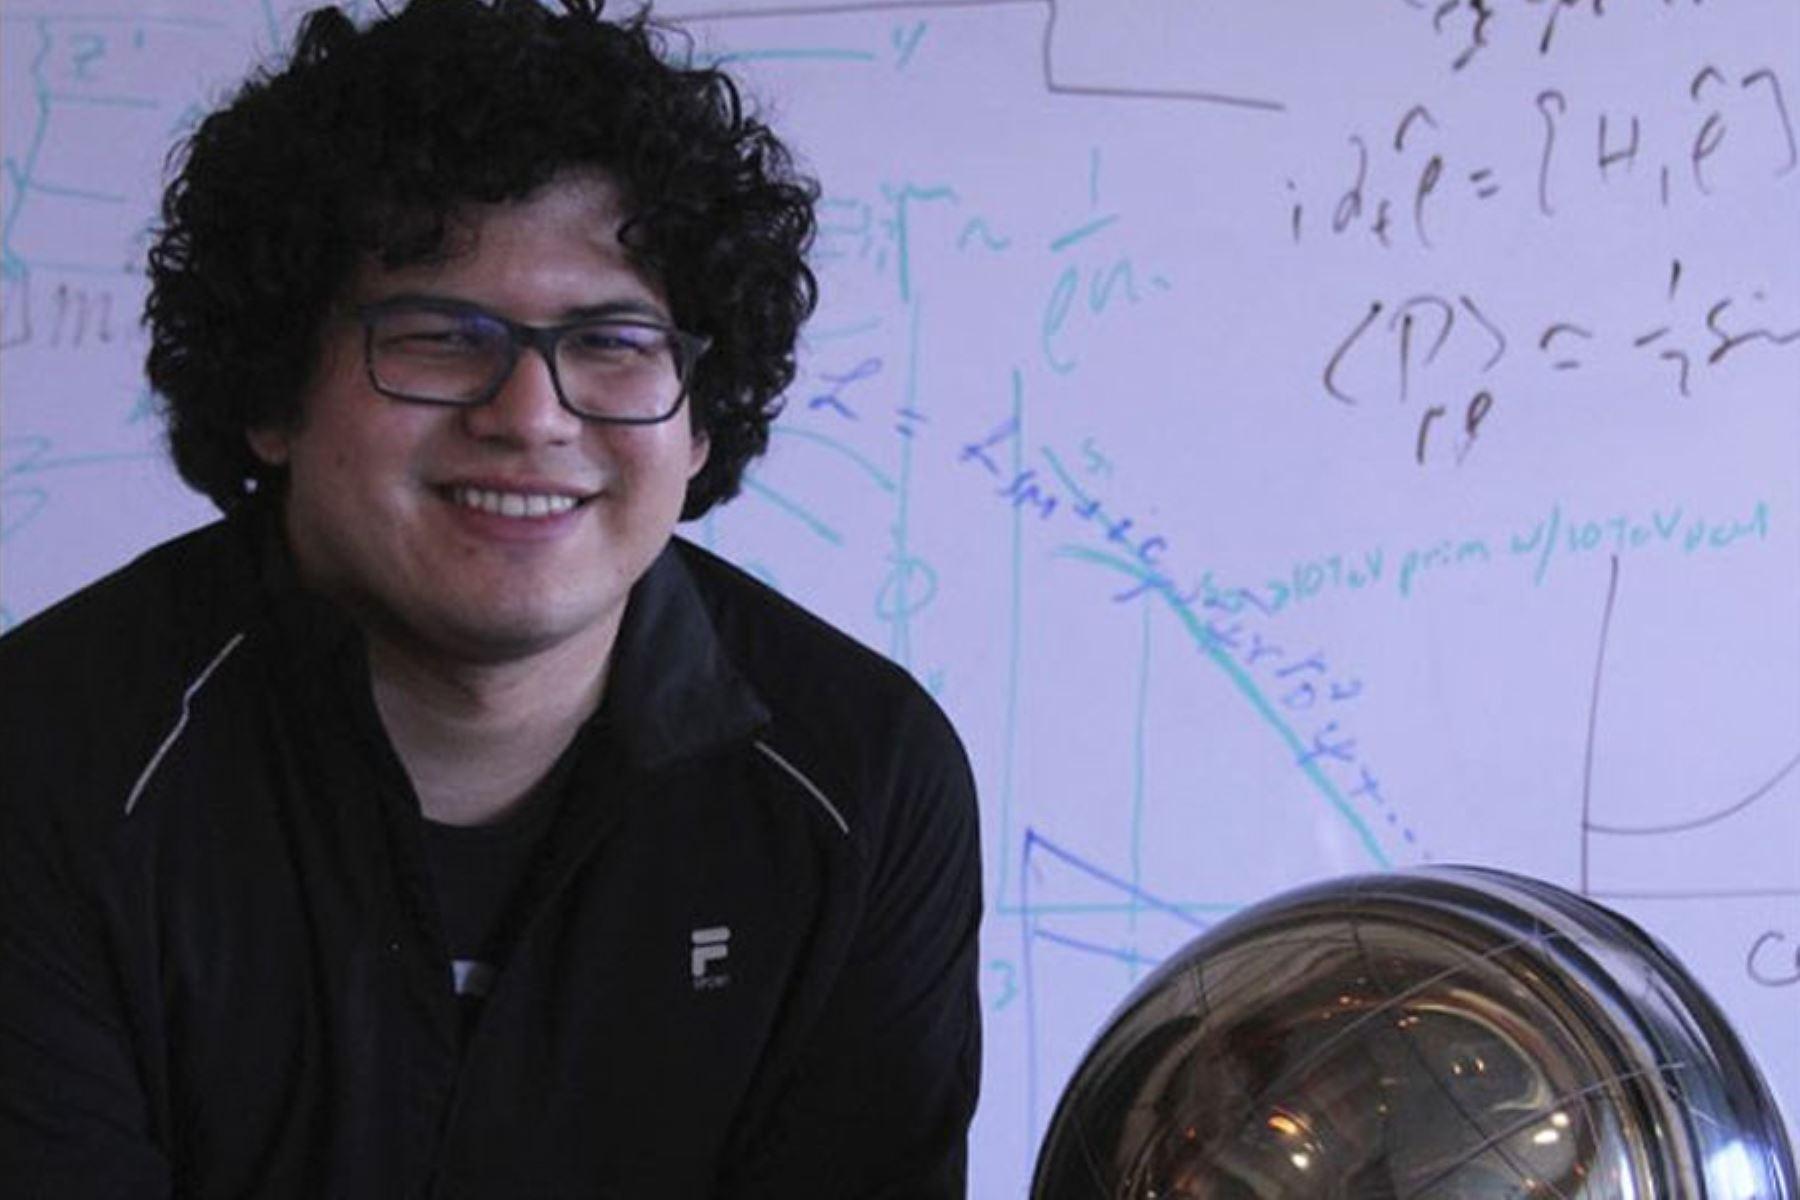 La física de partículas trata de entender cuáles son los componentes más fundamentales de la naturaleza, precisa el físico peruano Carlos Argüelles.